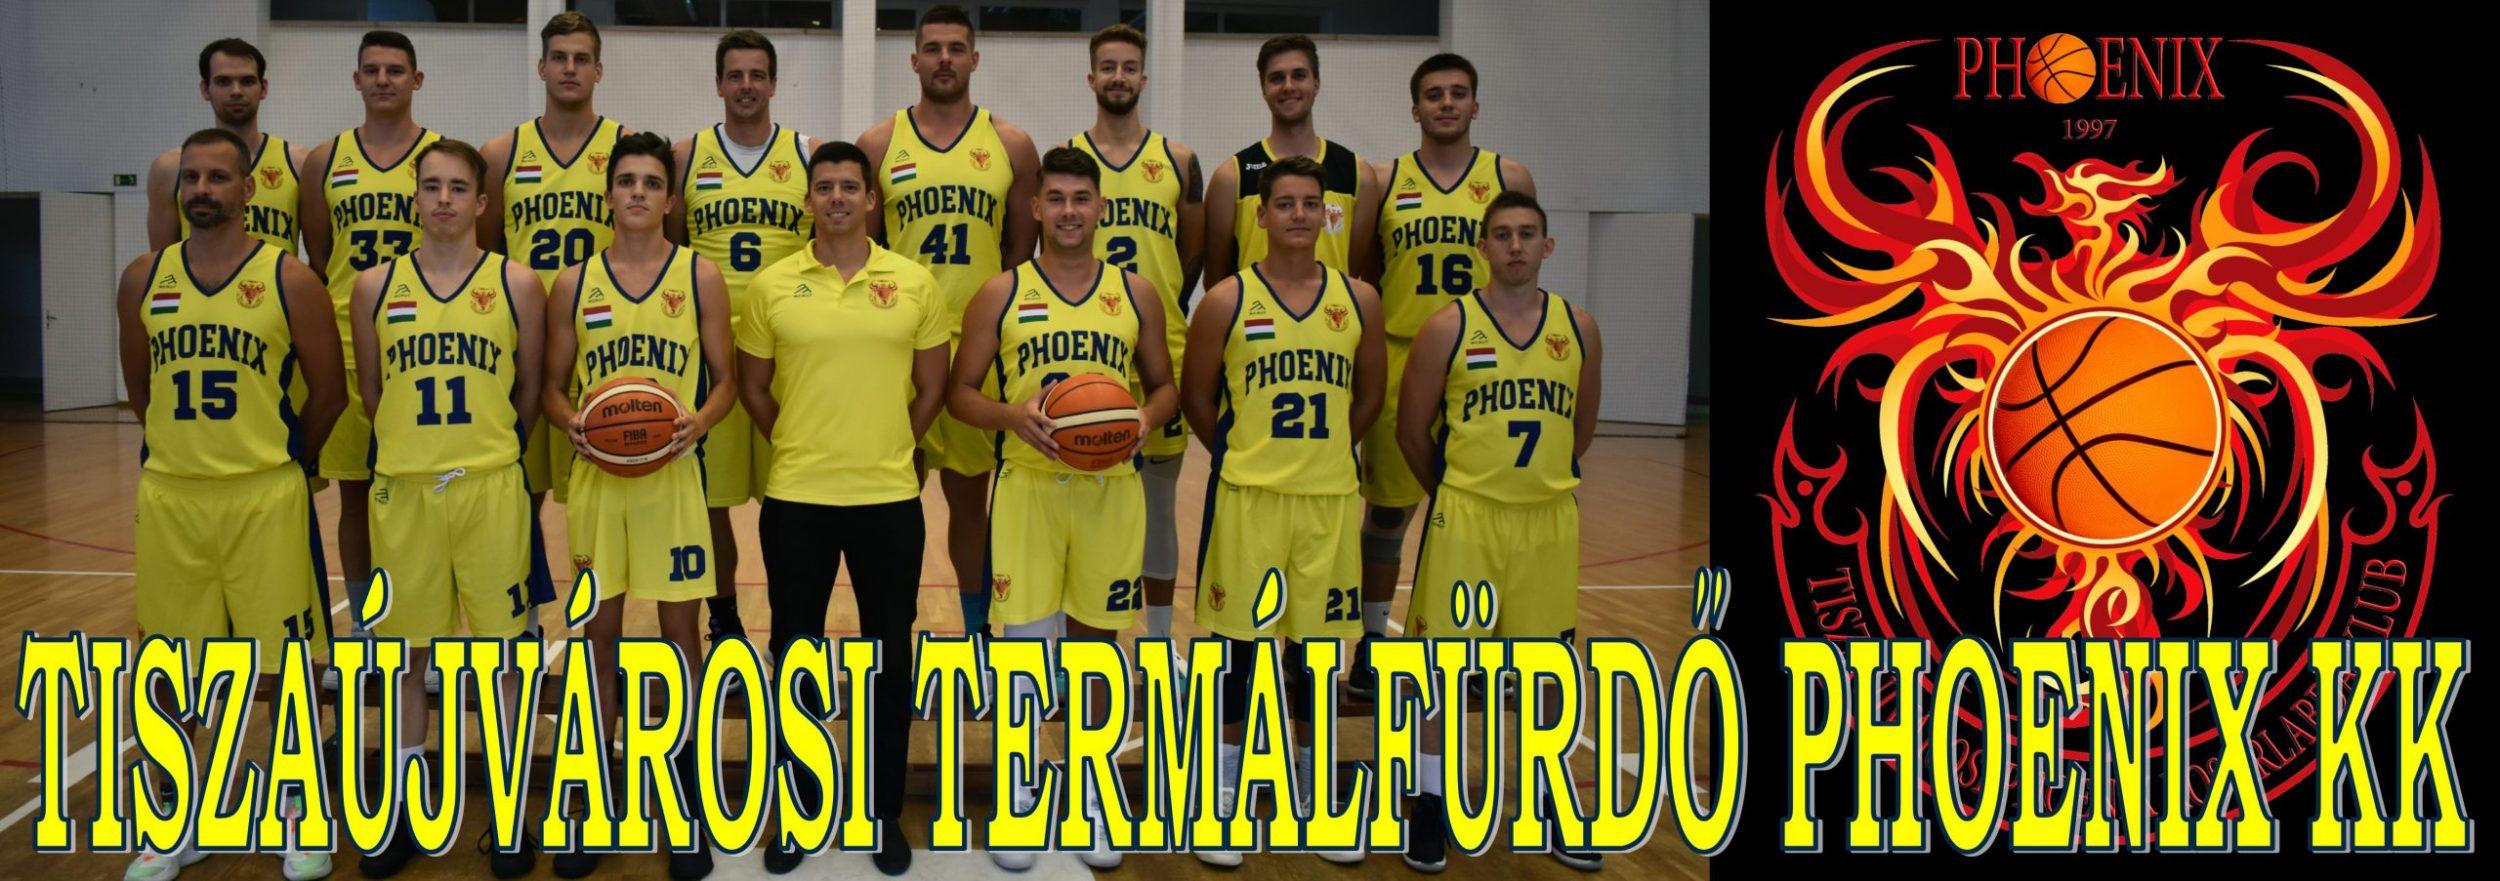 Tiszaújvárosi Termálfürdő Phoenix Kosárlabda Klub